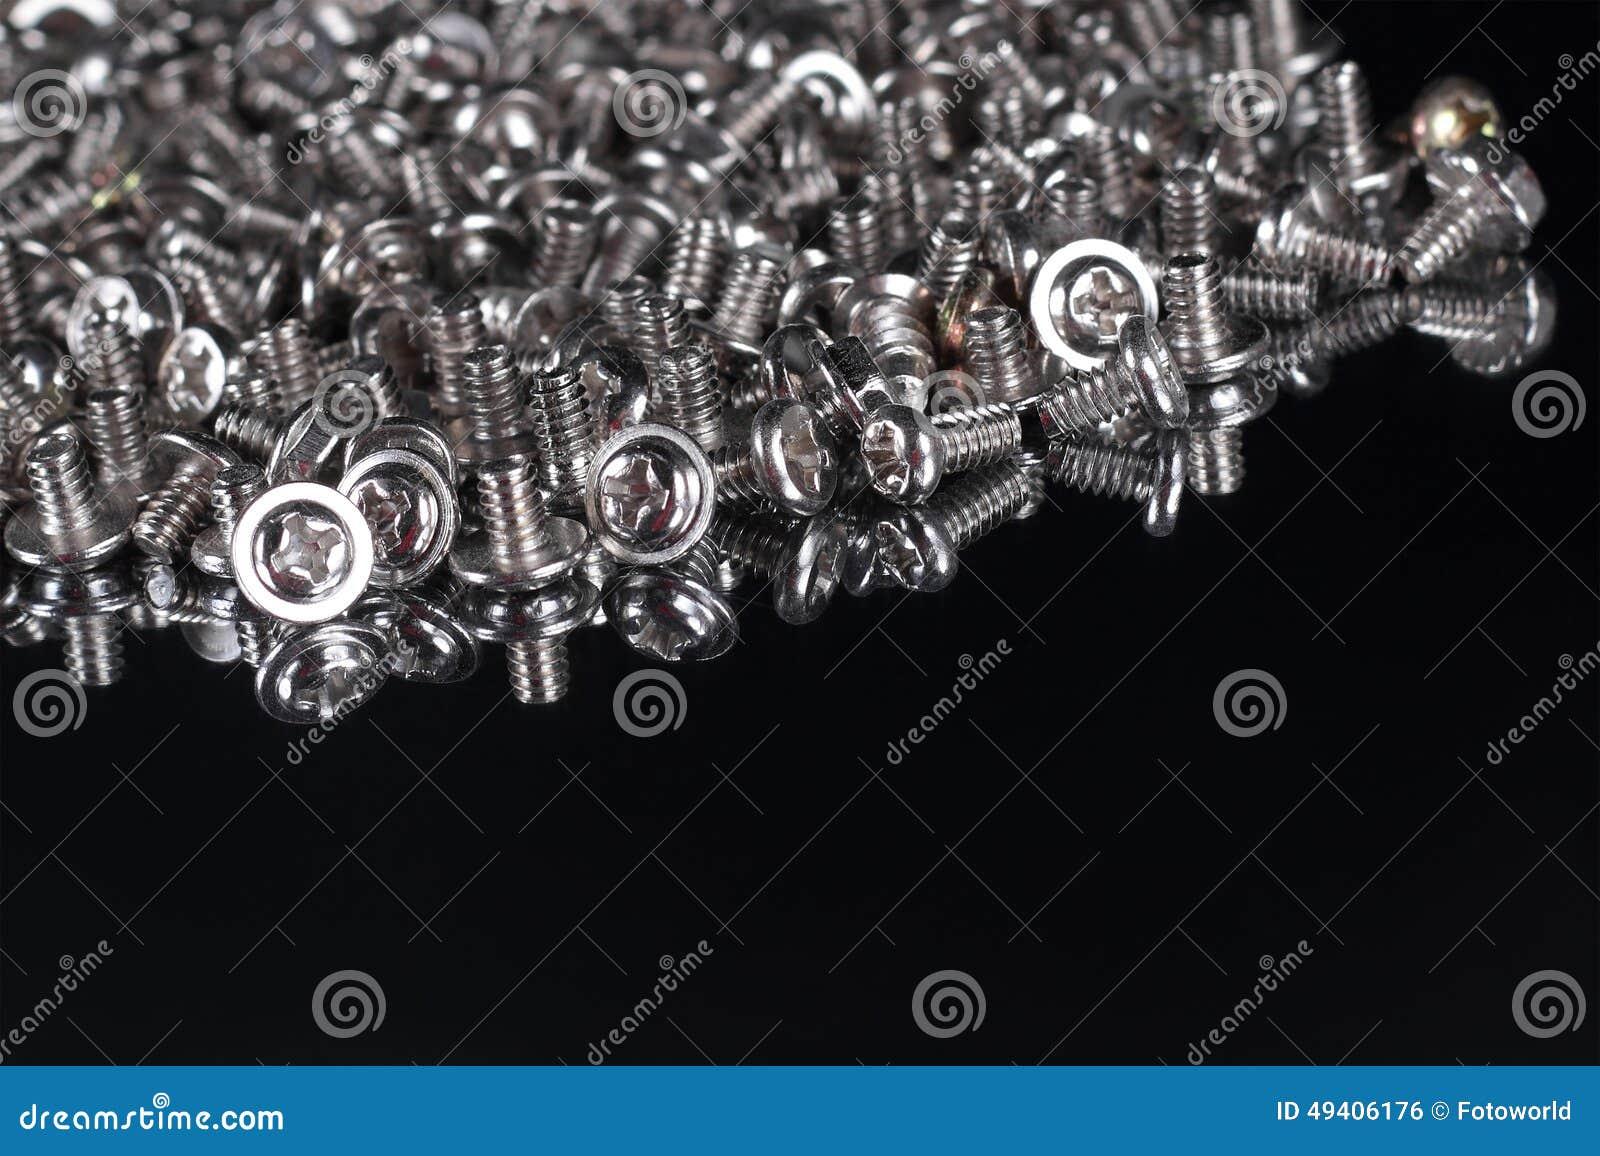 Download Computerschrauben In Einem Spiegel Stockfoto - Bild von oxidiert, muttern: 49406176